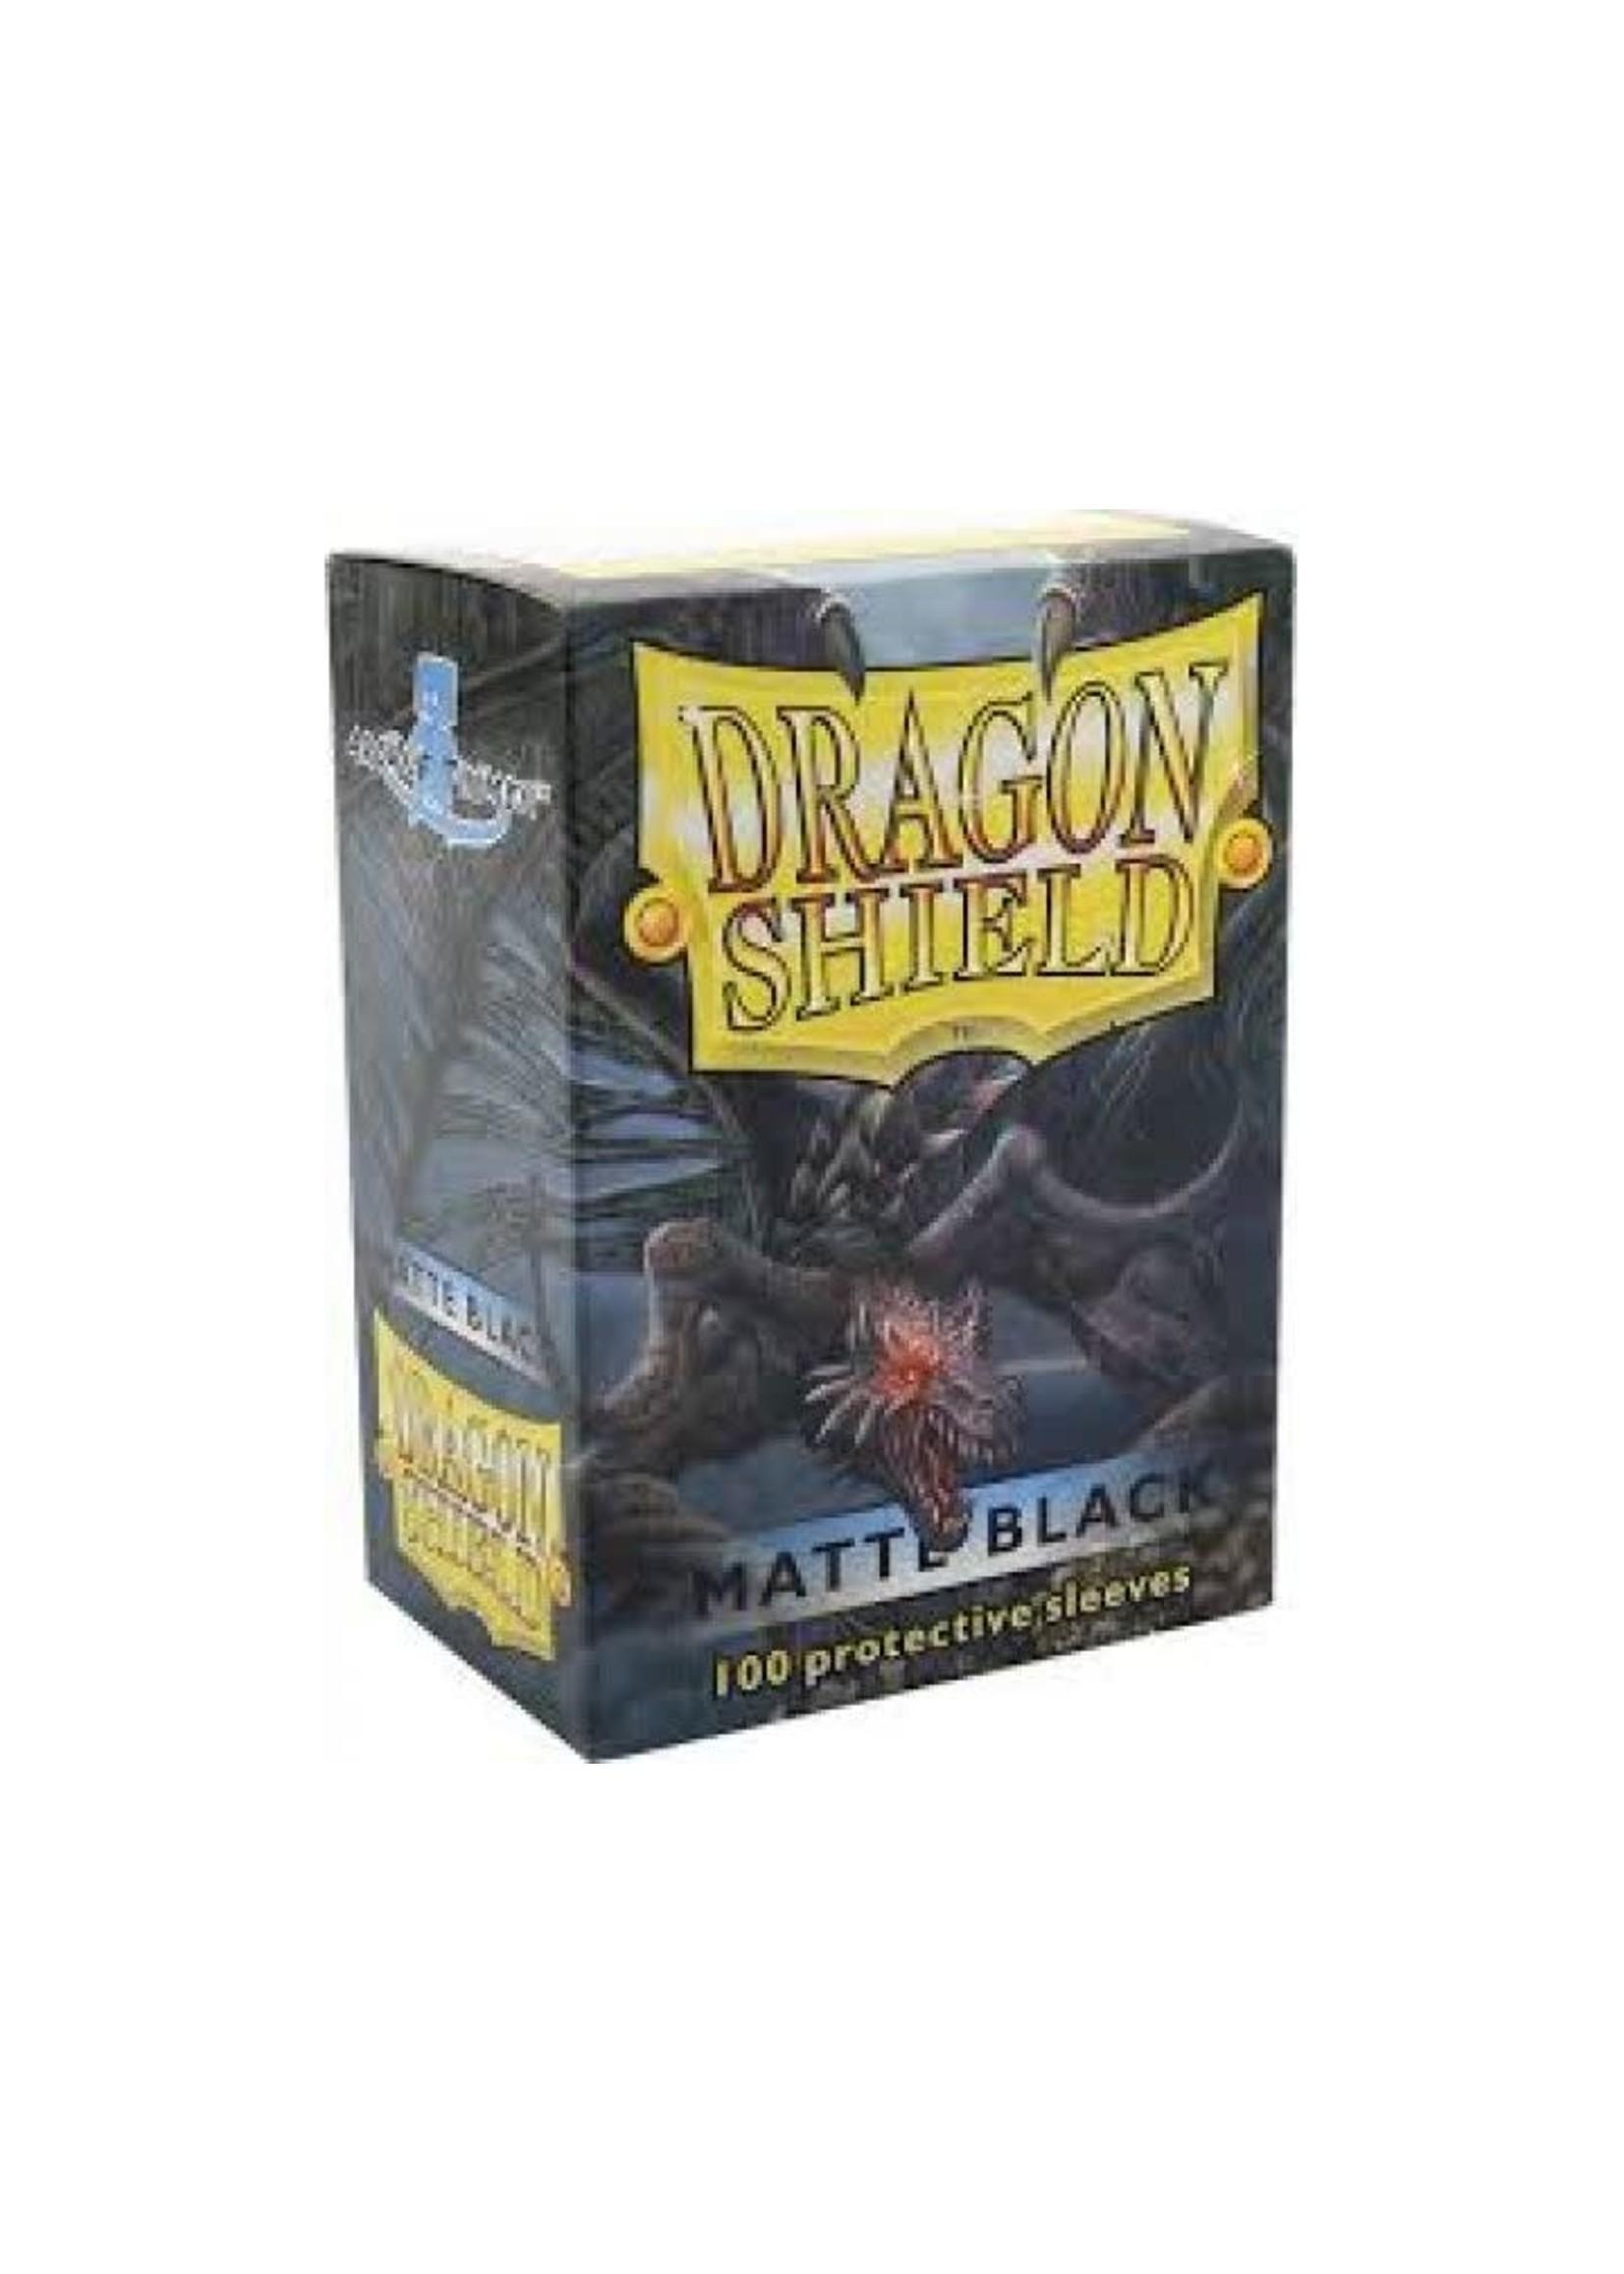 Dragon Shield Sleeves Matte Black (100Pcs)